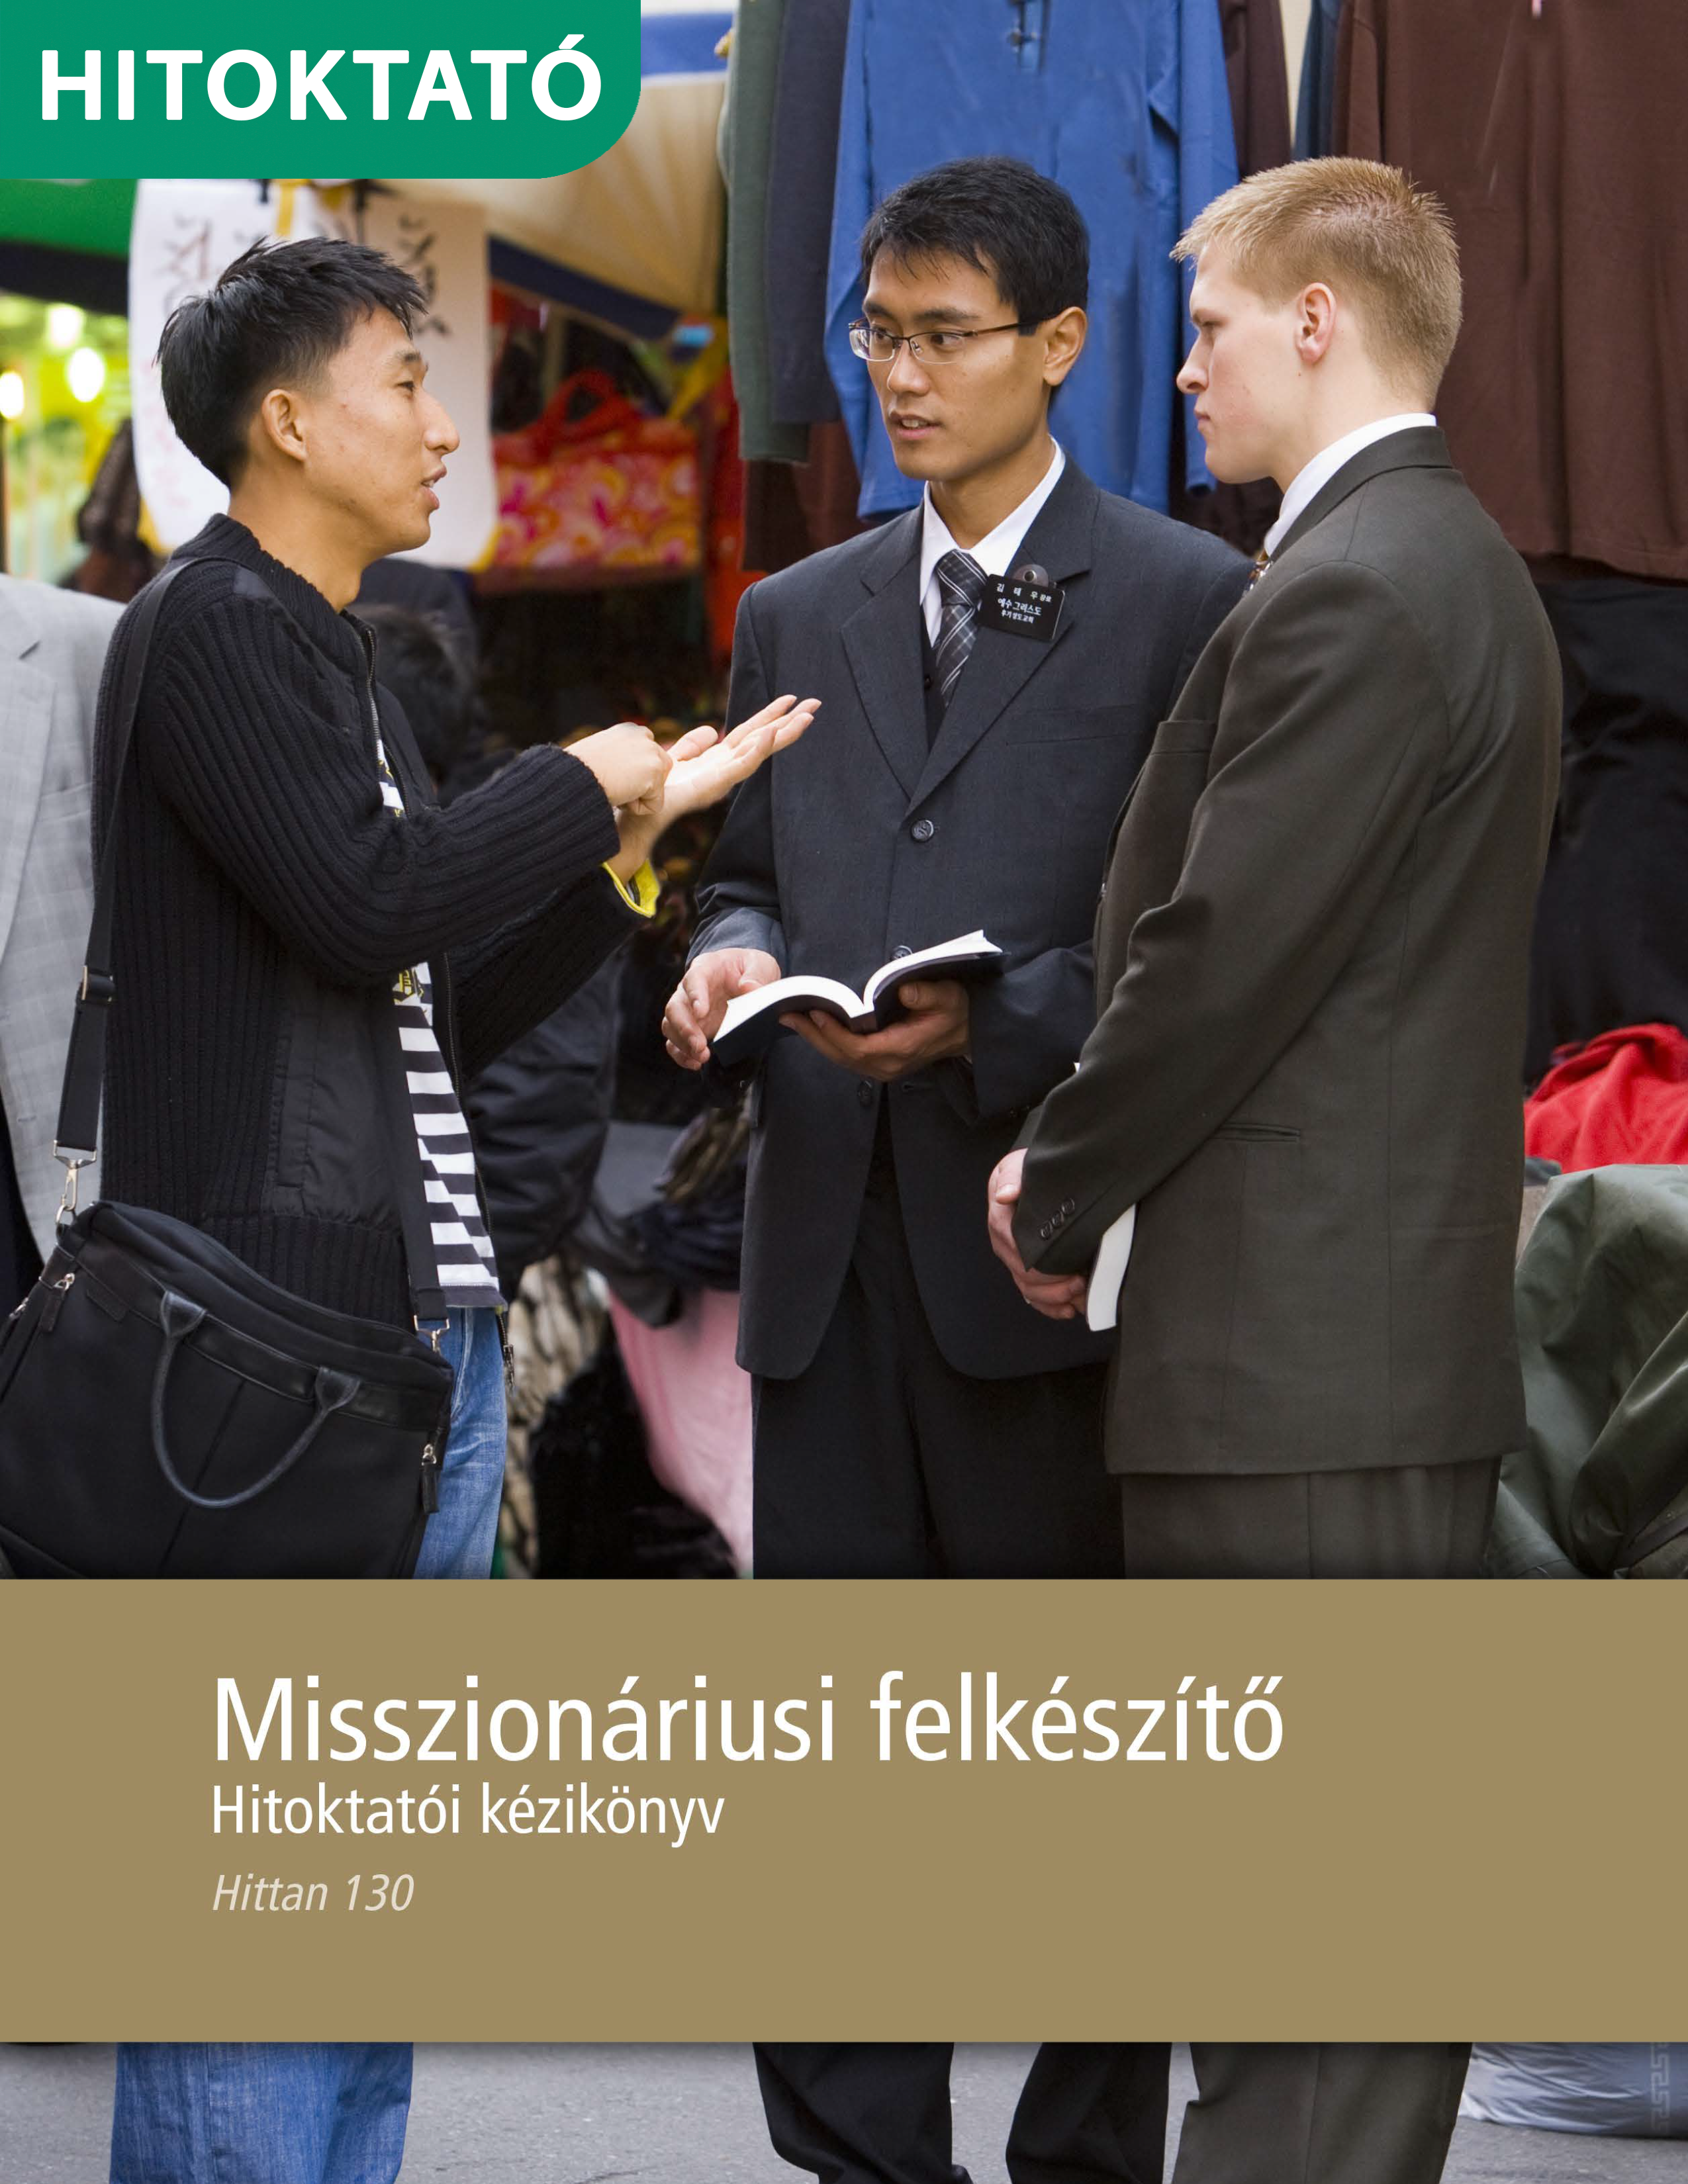 Misszionáriusi felkészítő tanári kézikönyv (Hittan 130)